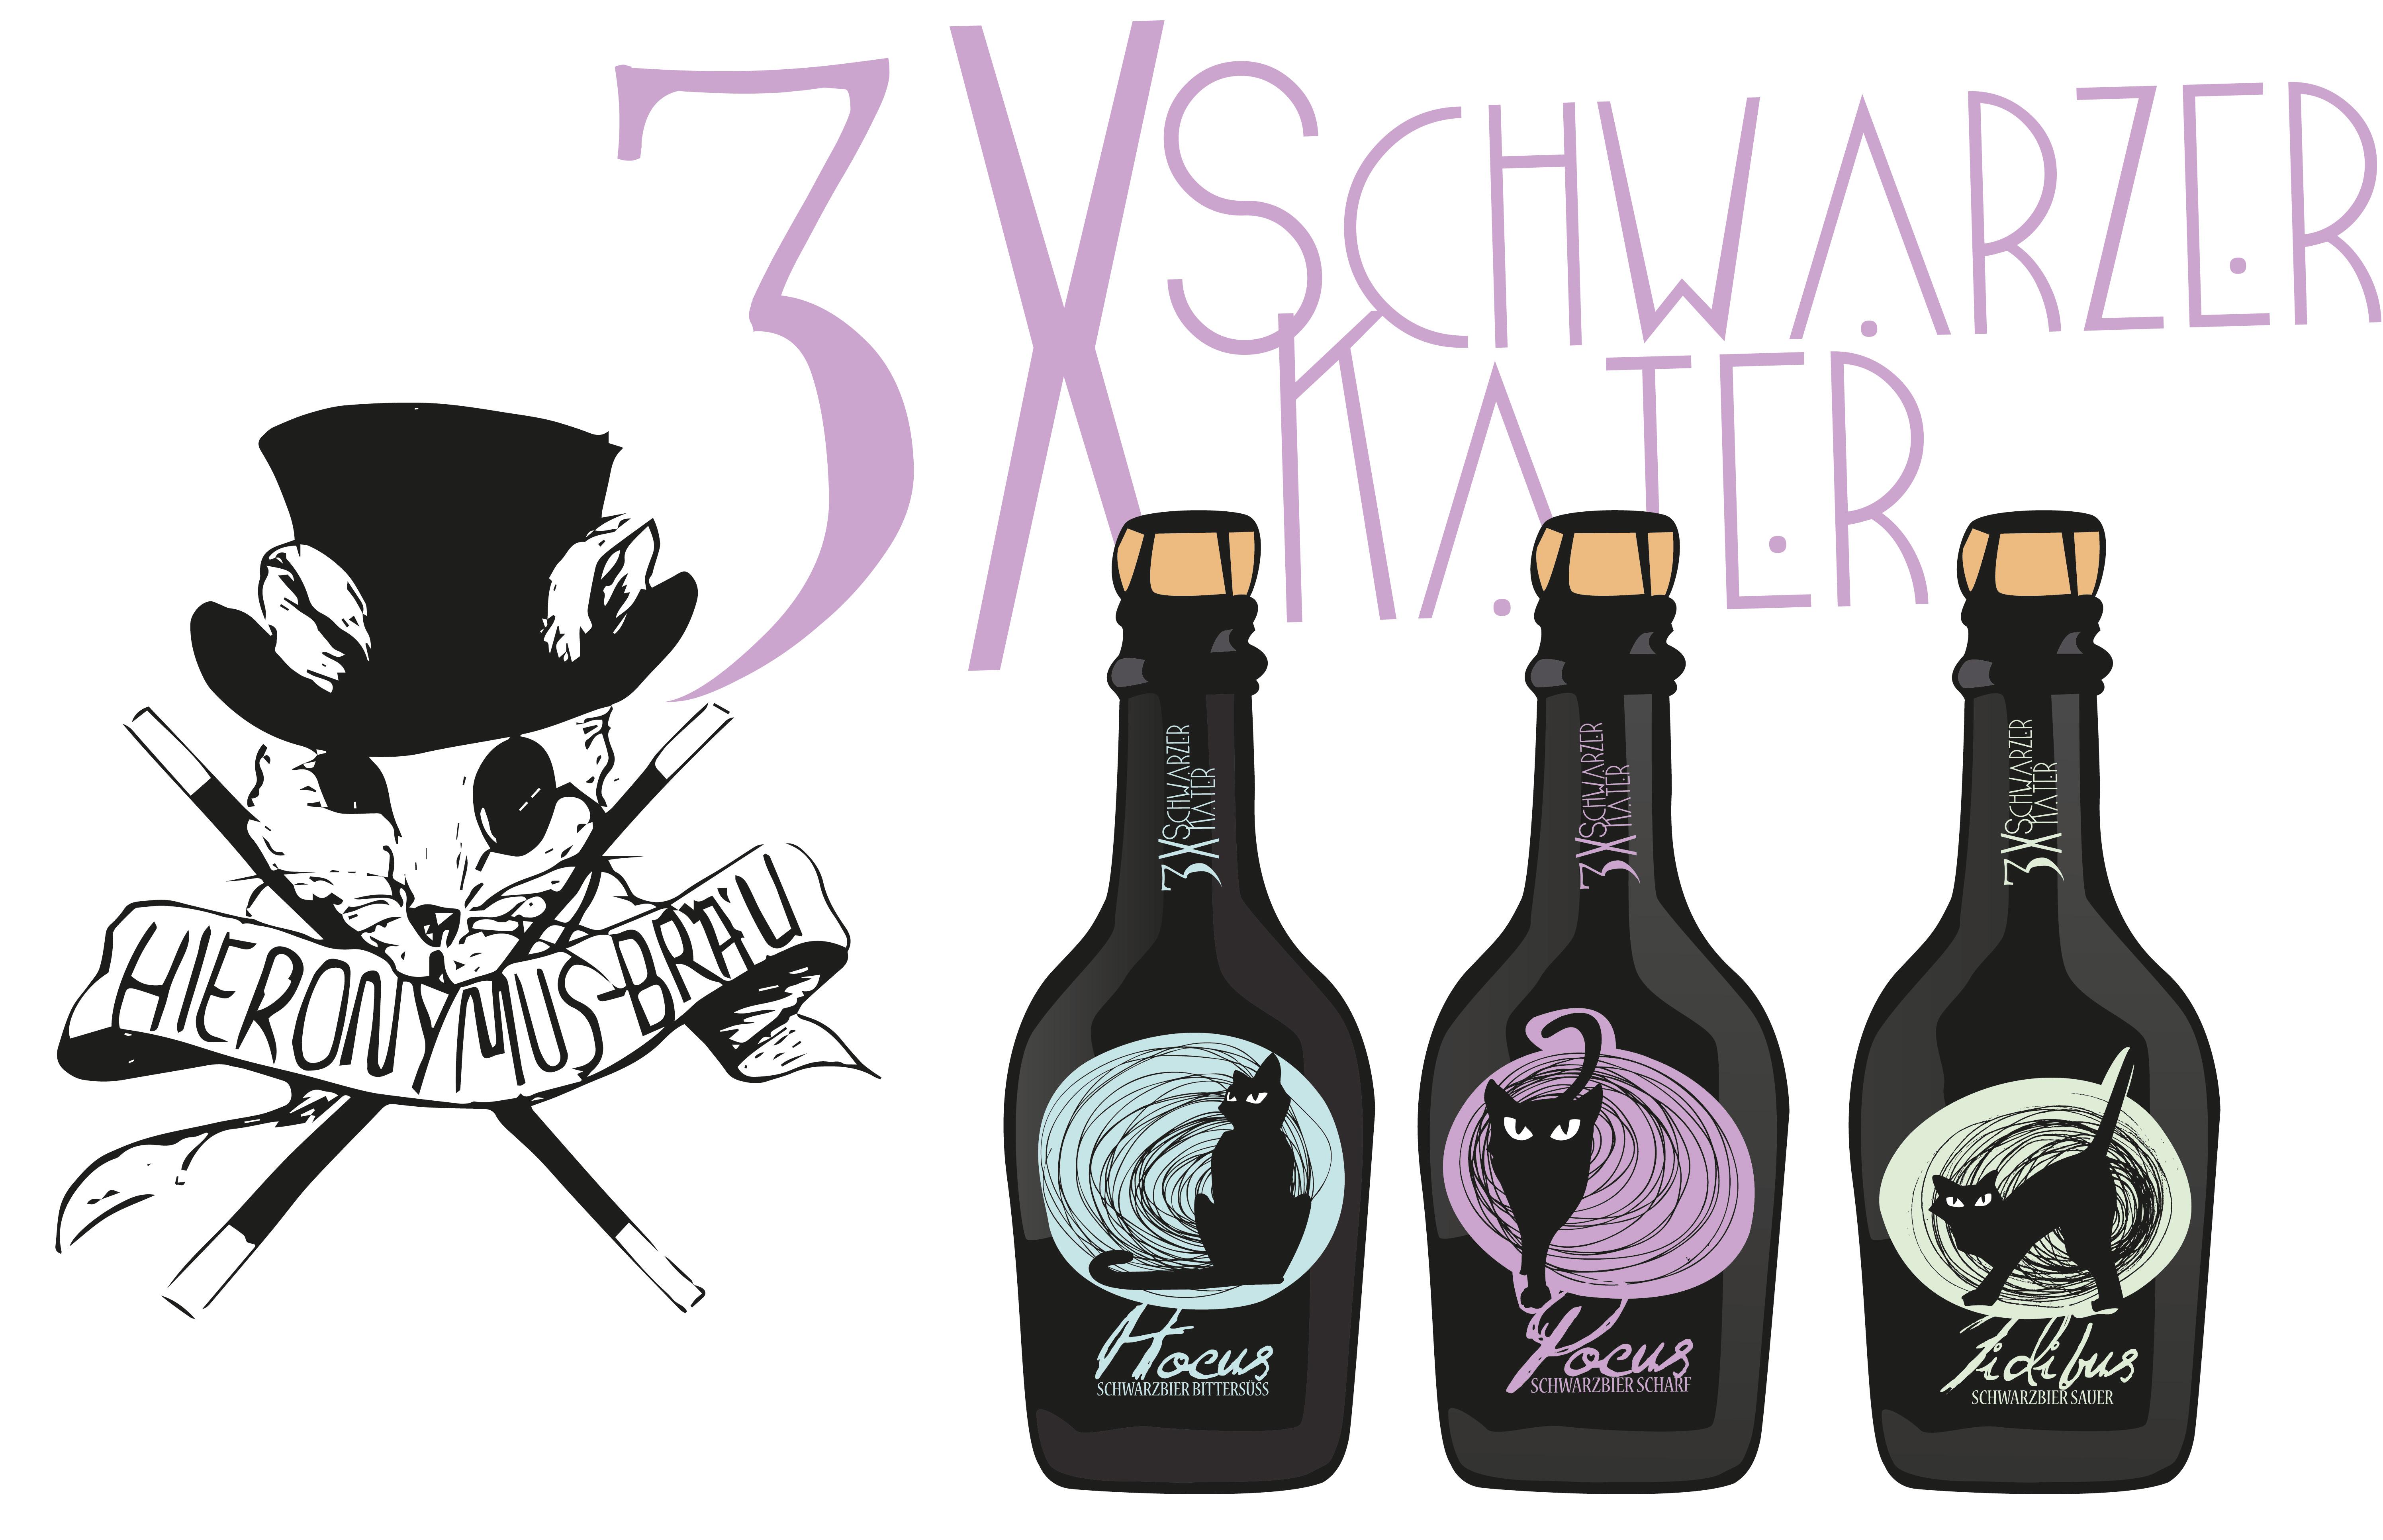 3x Schwarzer Kater - Bierkonzept